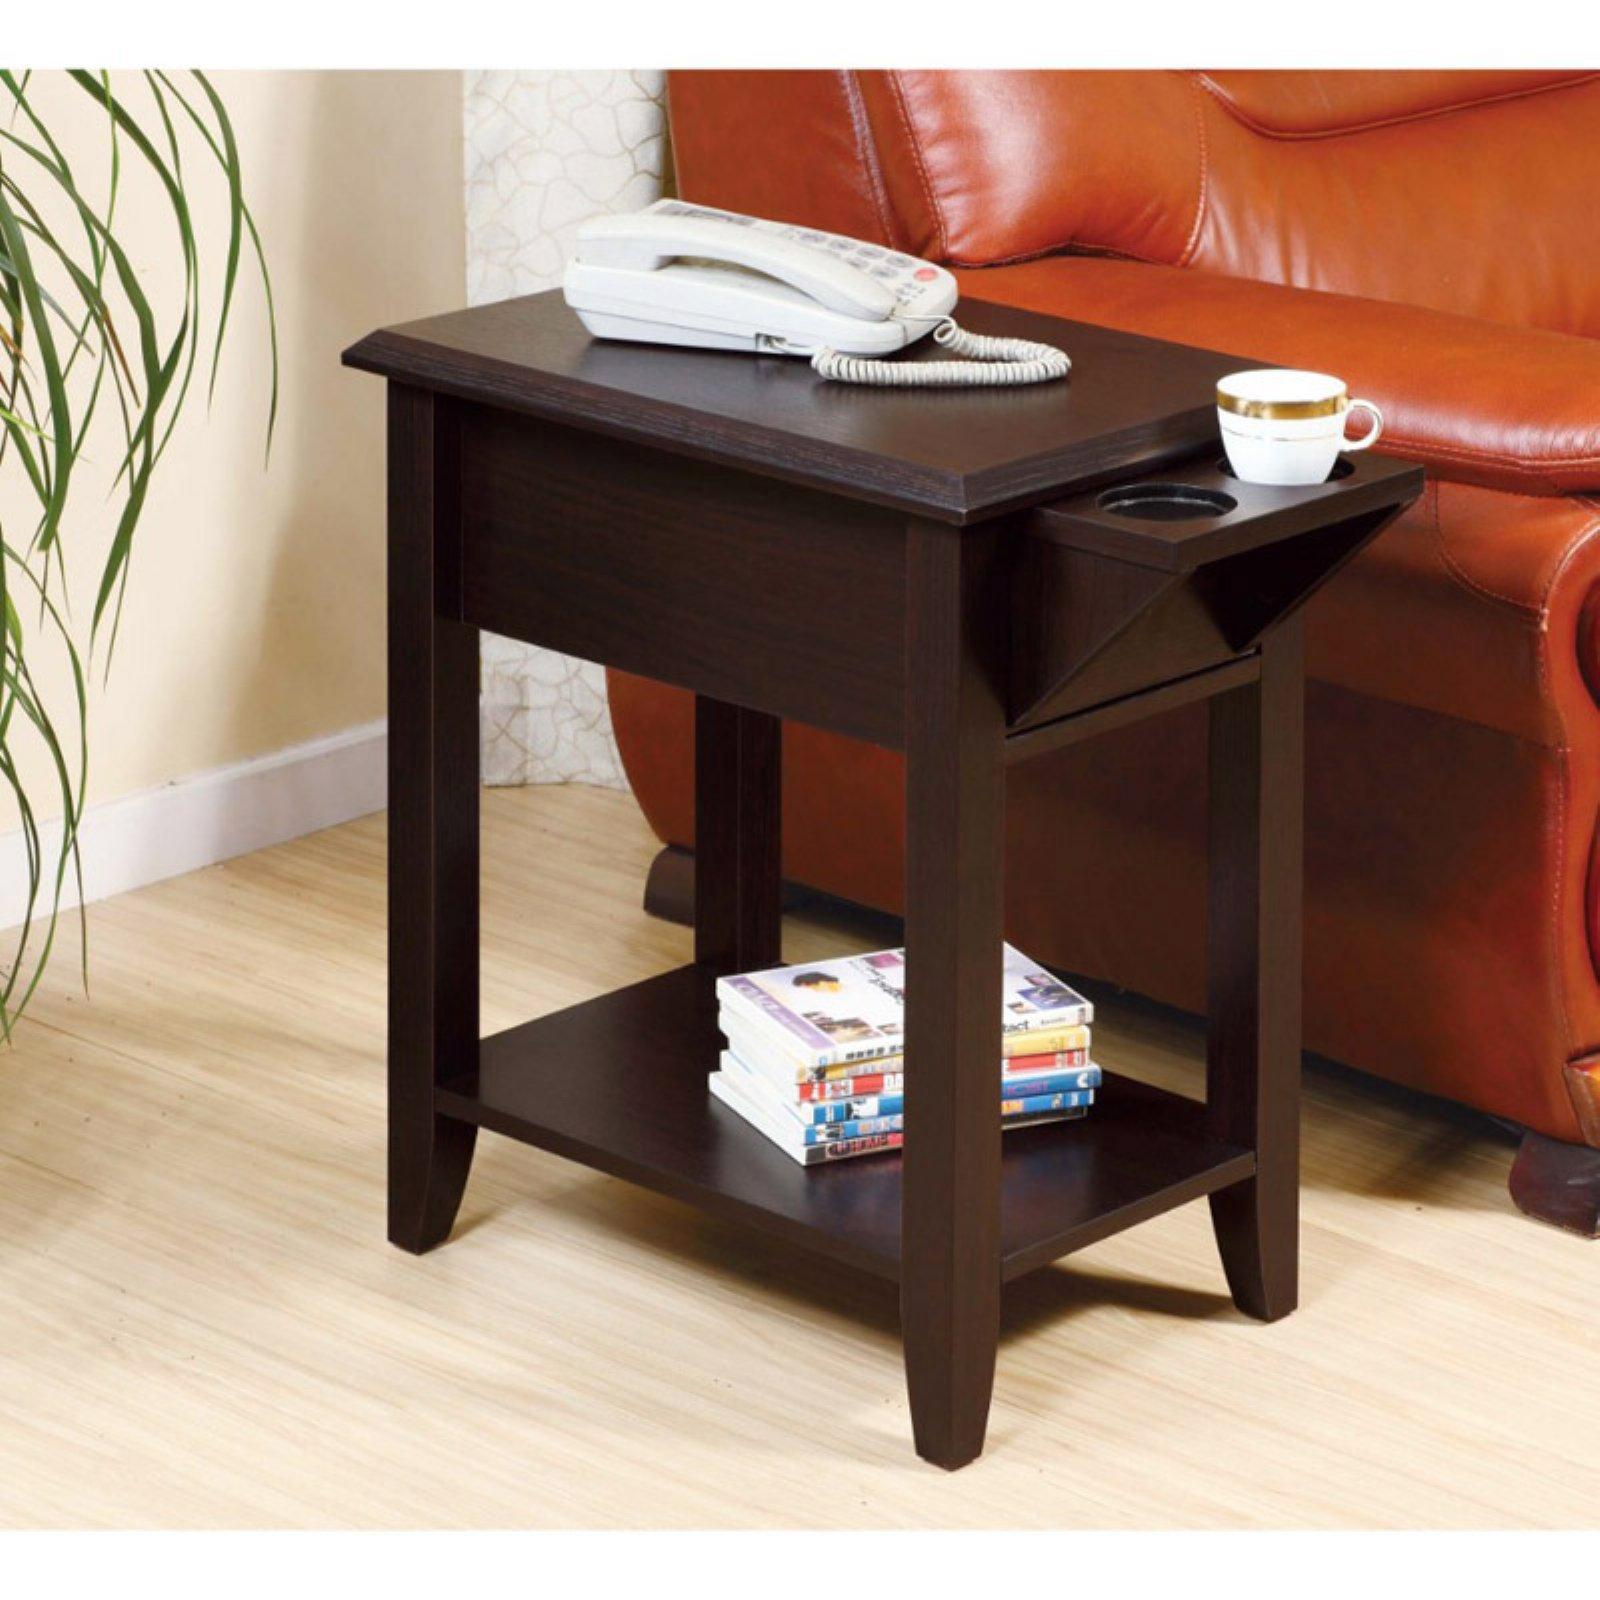 Benzara Bm179686 Wooden Chairside Table